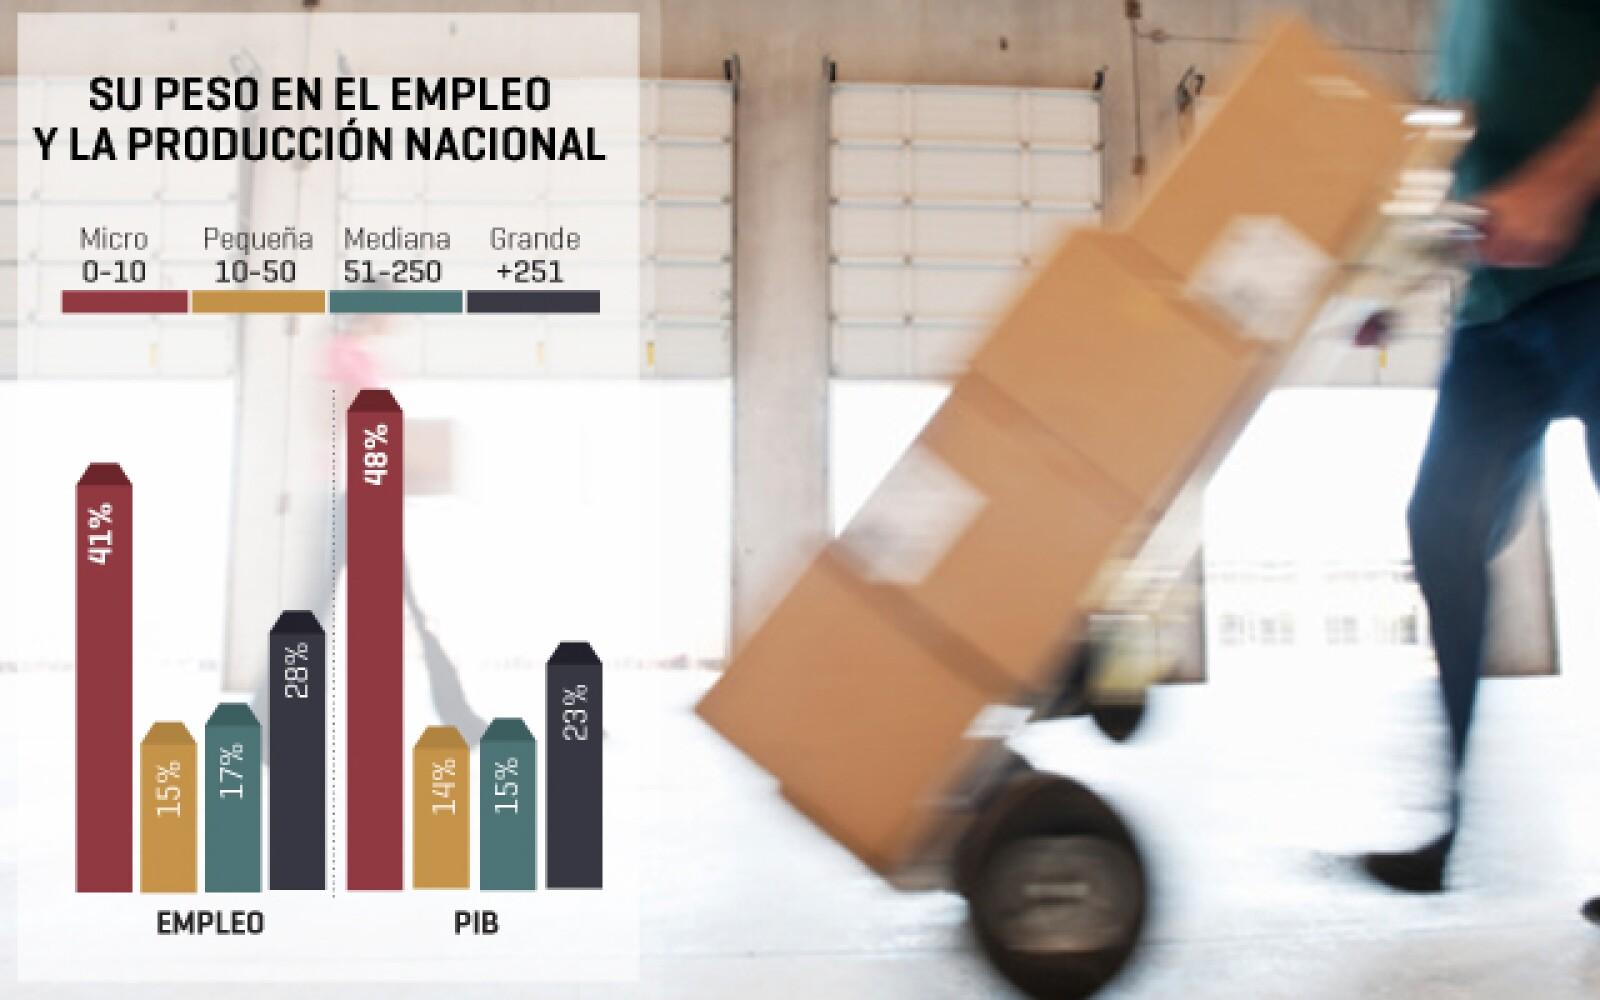 La aportación al empleo de las micro empresas en México constituye un 41%, mientras que al Producto Interno Bruto (PIB) apoyan en un 48%; esto en comparación con las grandes compañías, que aportan en un 28 y 23% respectivamente.